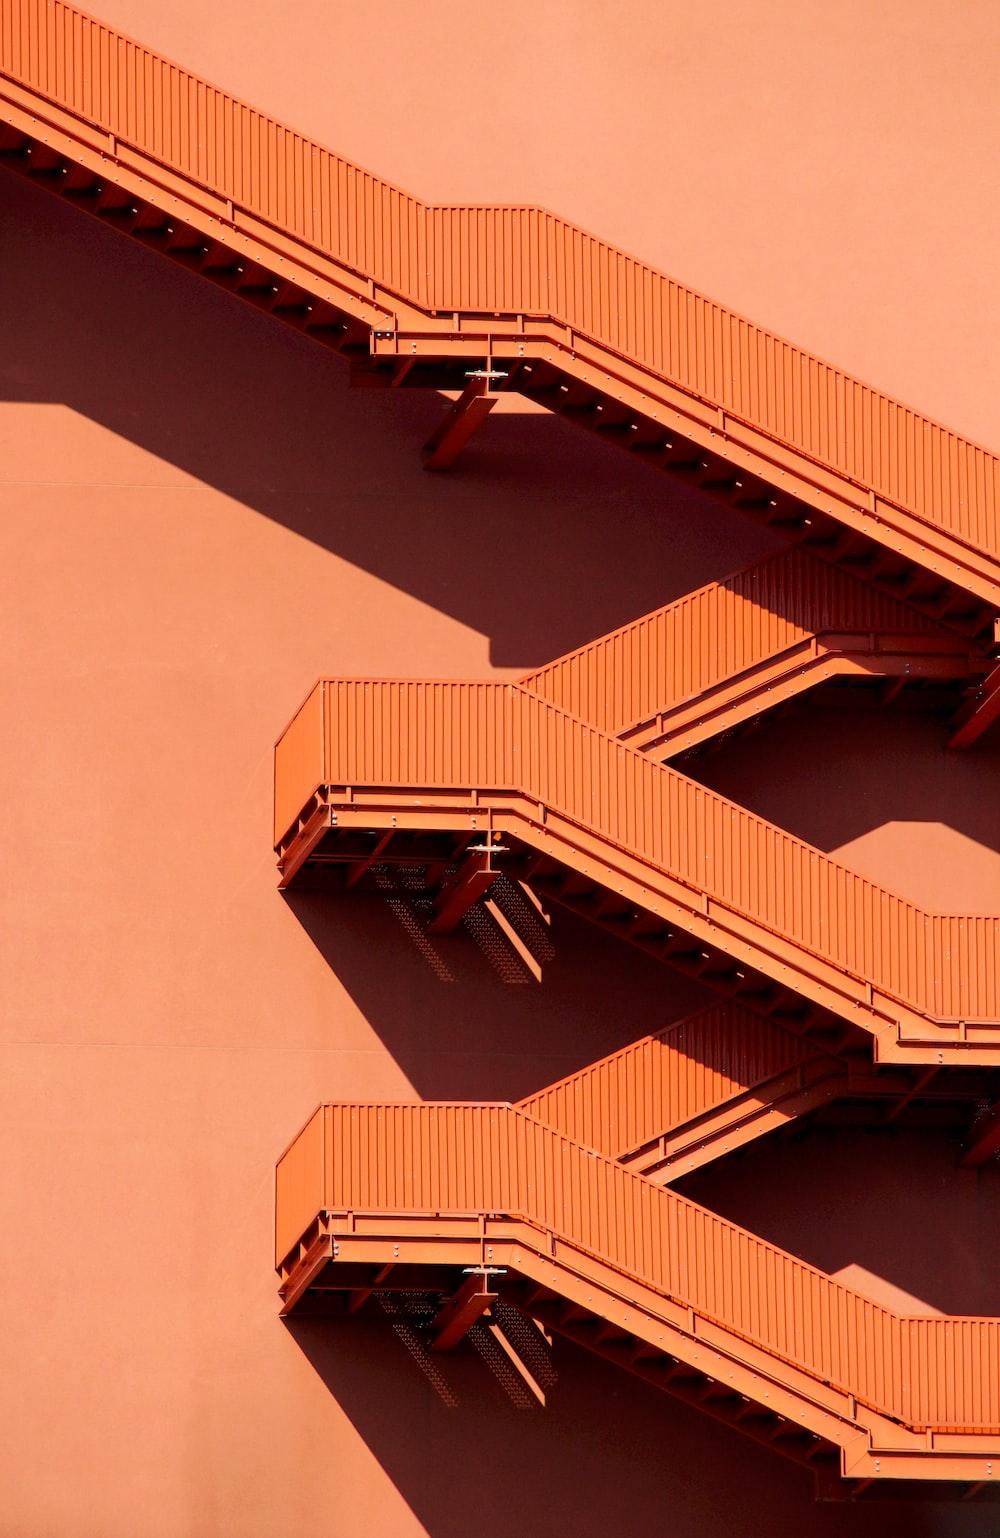 brown metal framed stairs